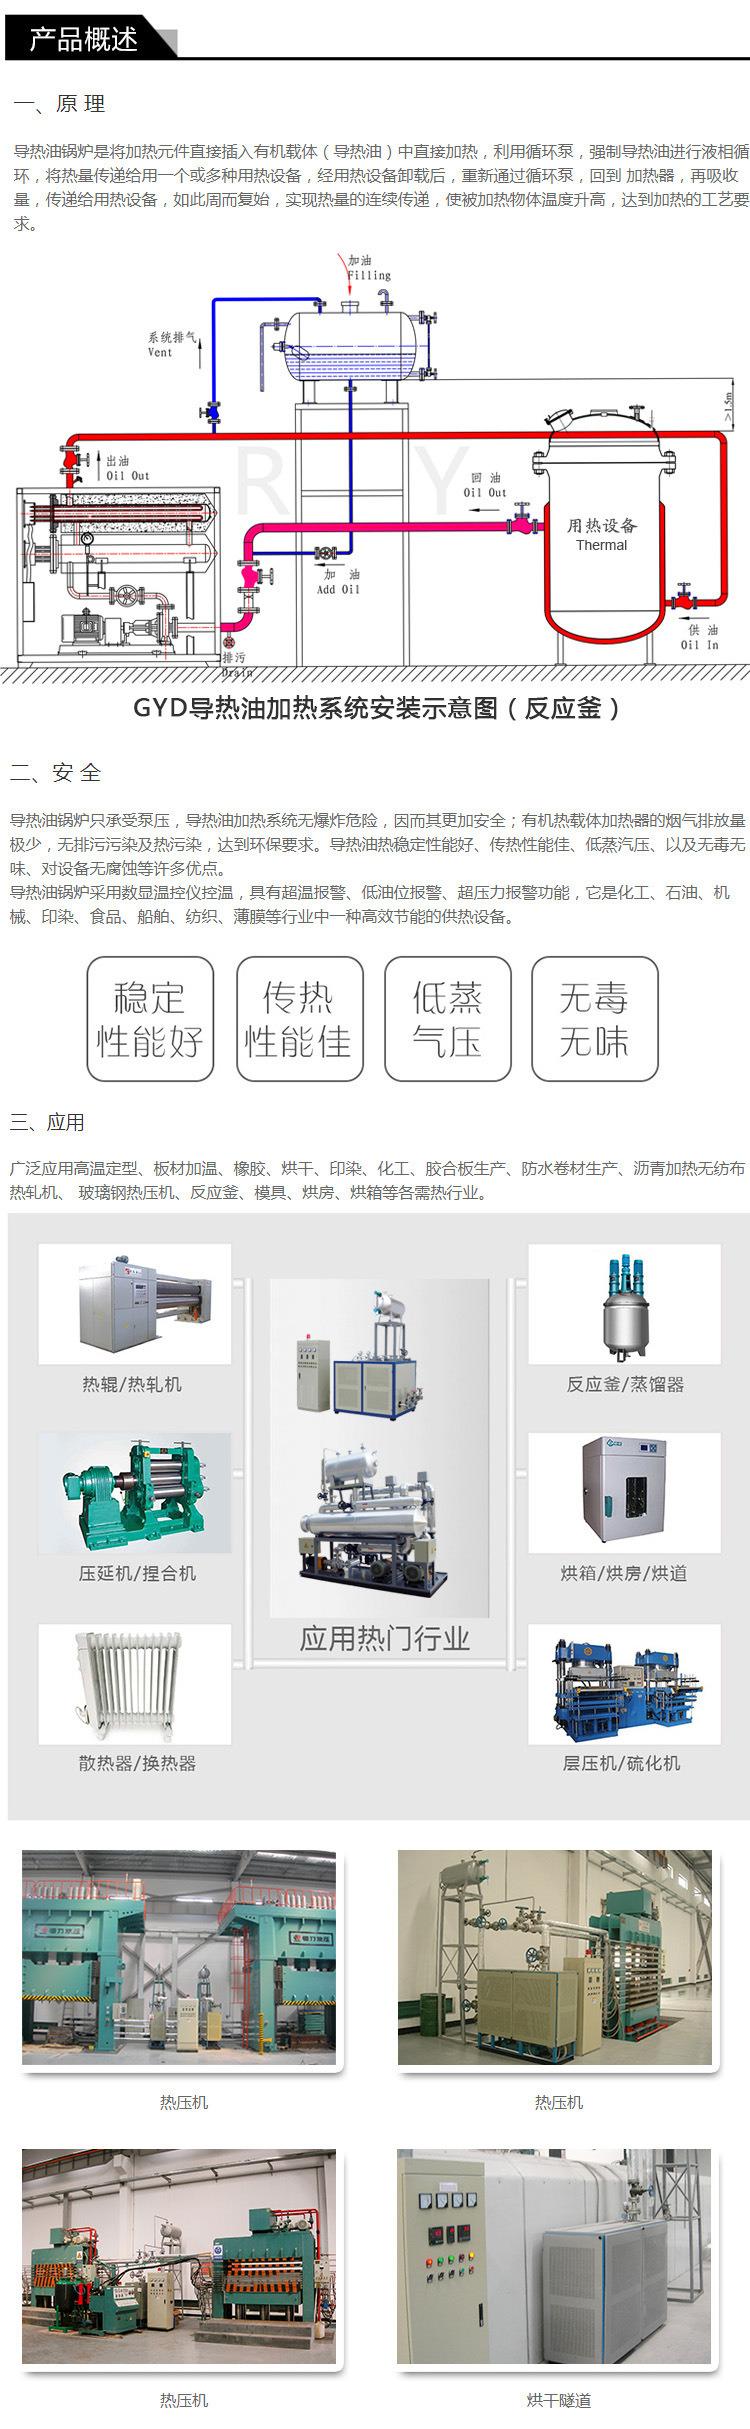 4产品概述